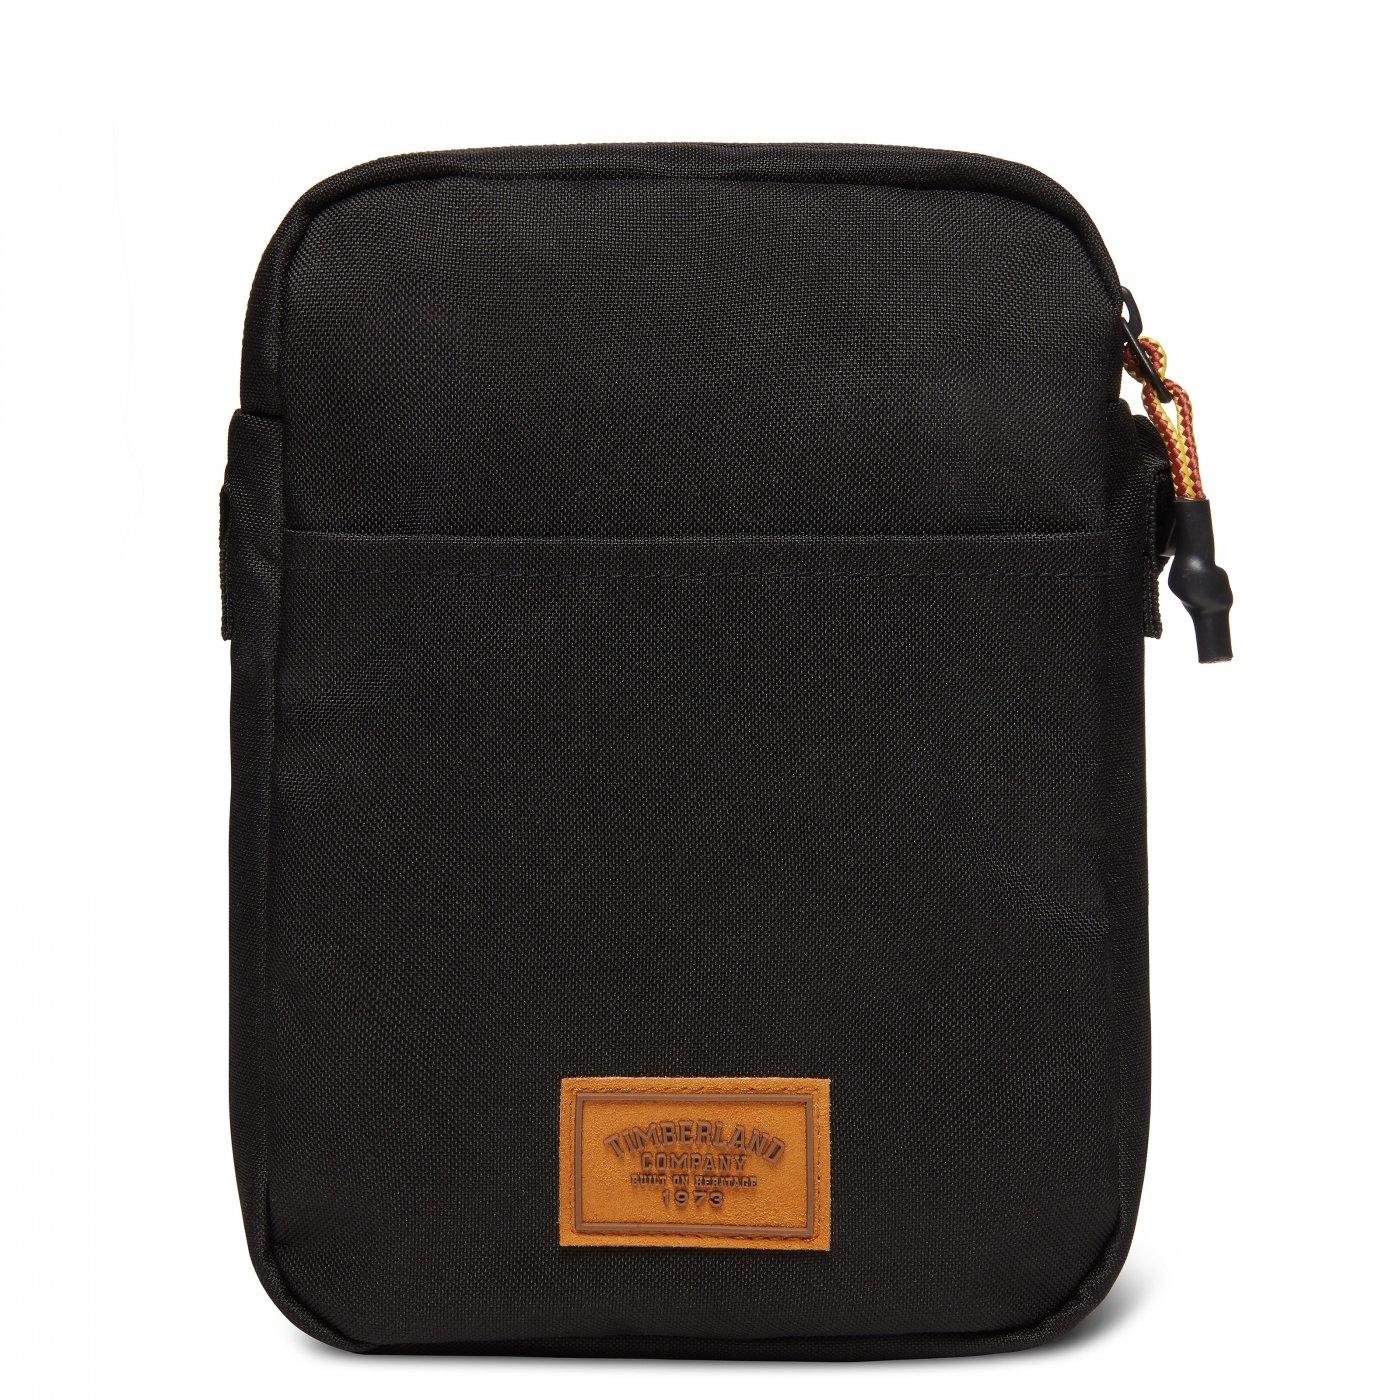 Timberland Sacoche Small Items Bag Black